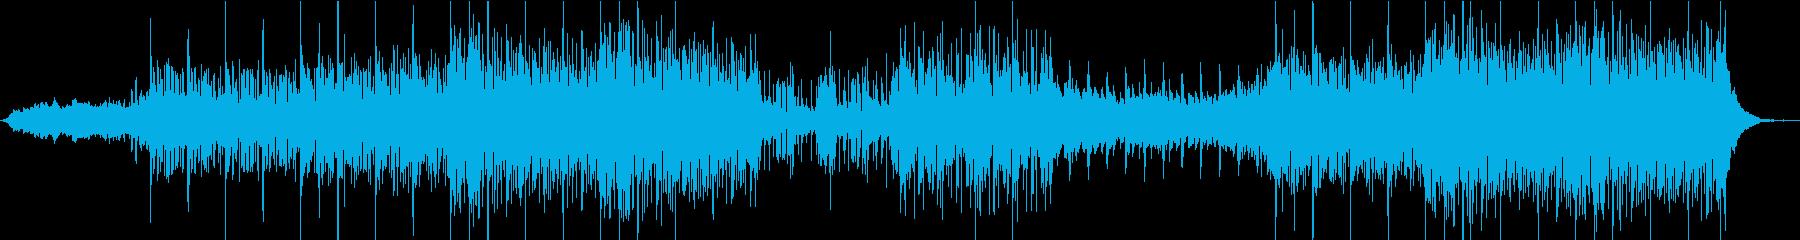 電気楽器。中東のフレーバー、鼓動す...の再生済みの波形